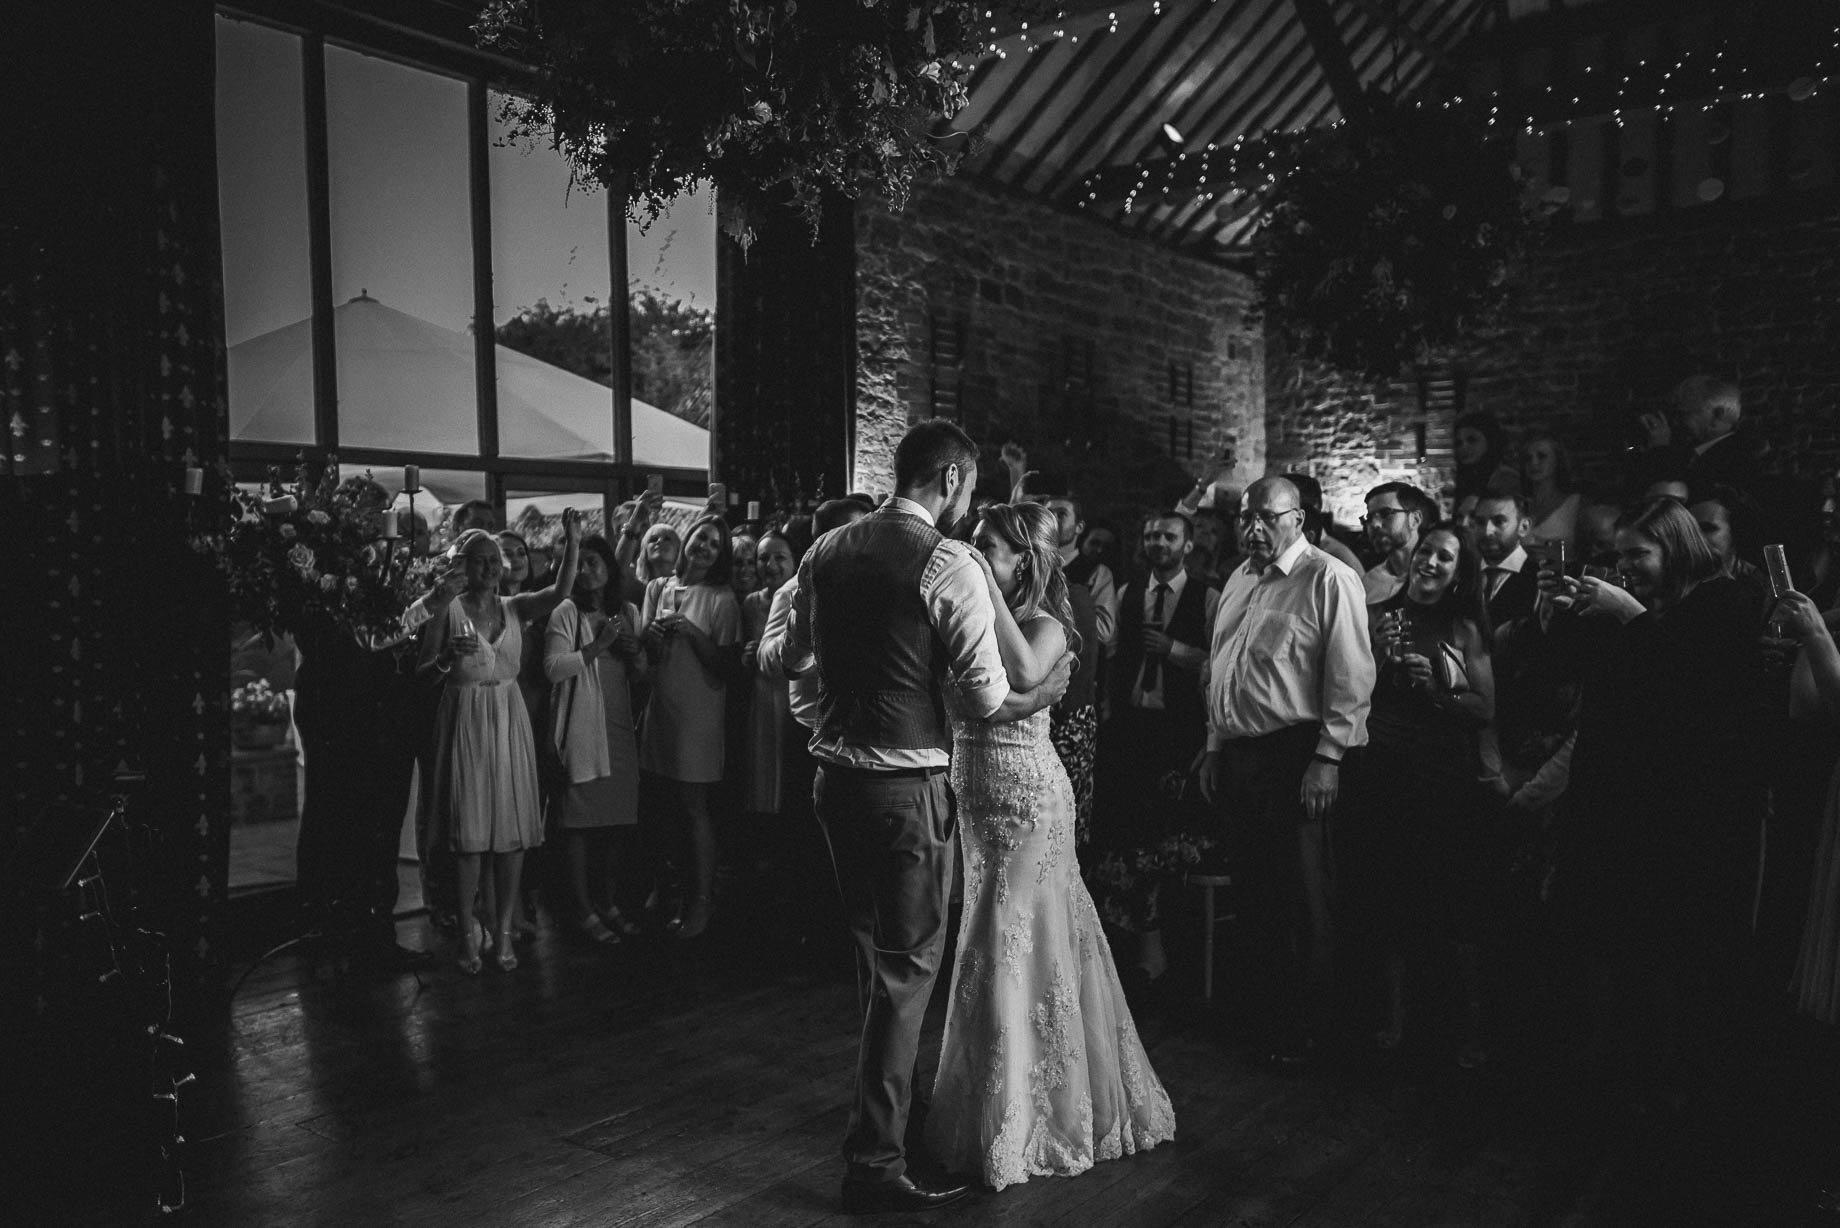 Bartholomew Barns wedding photography - Louise and Spencer (144 of 151)